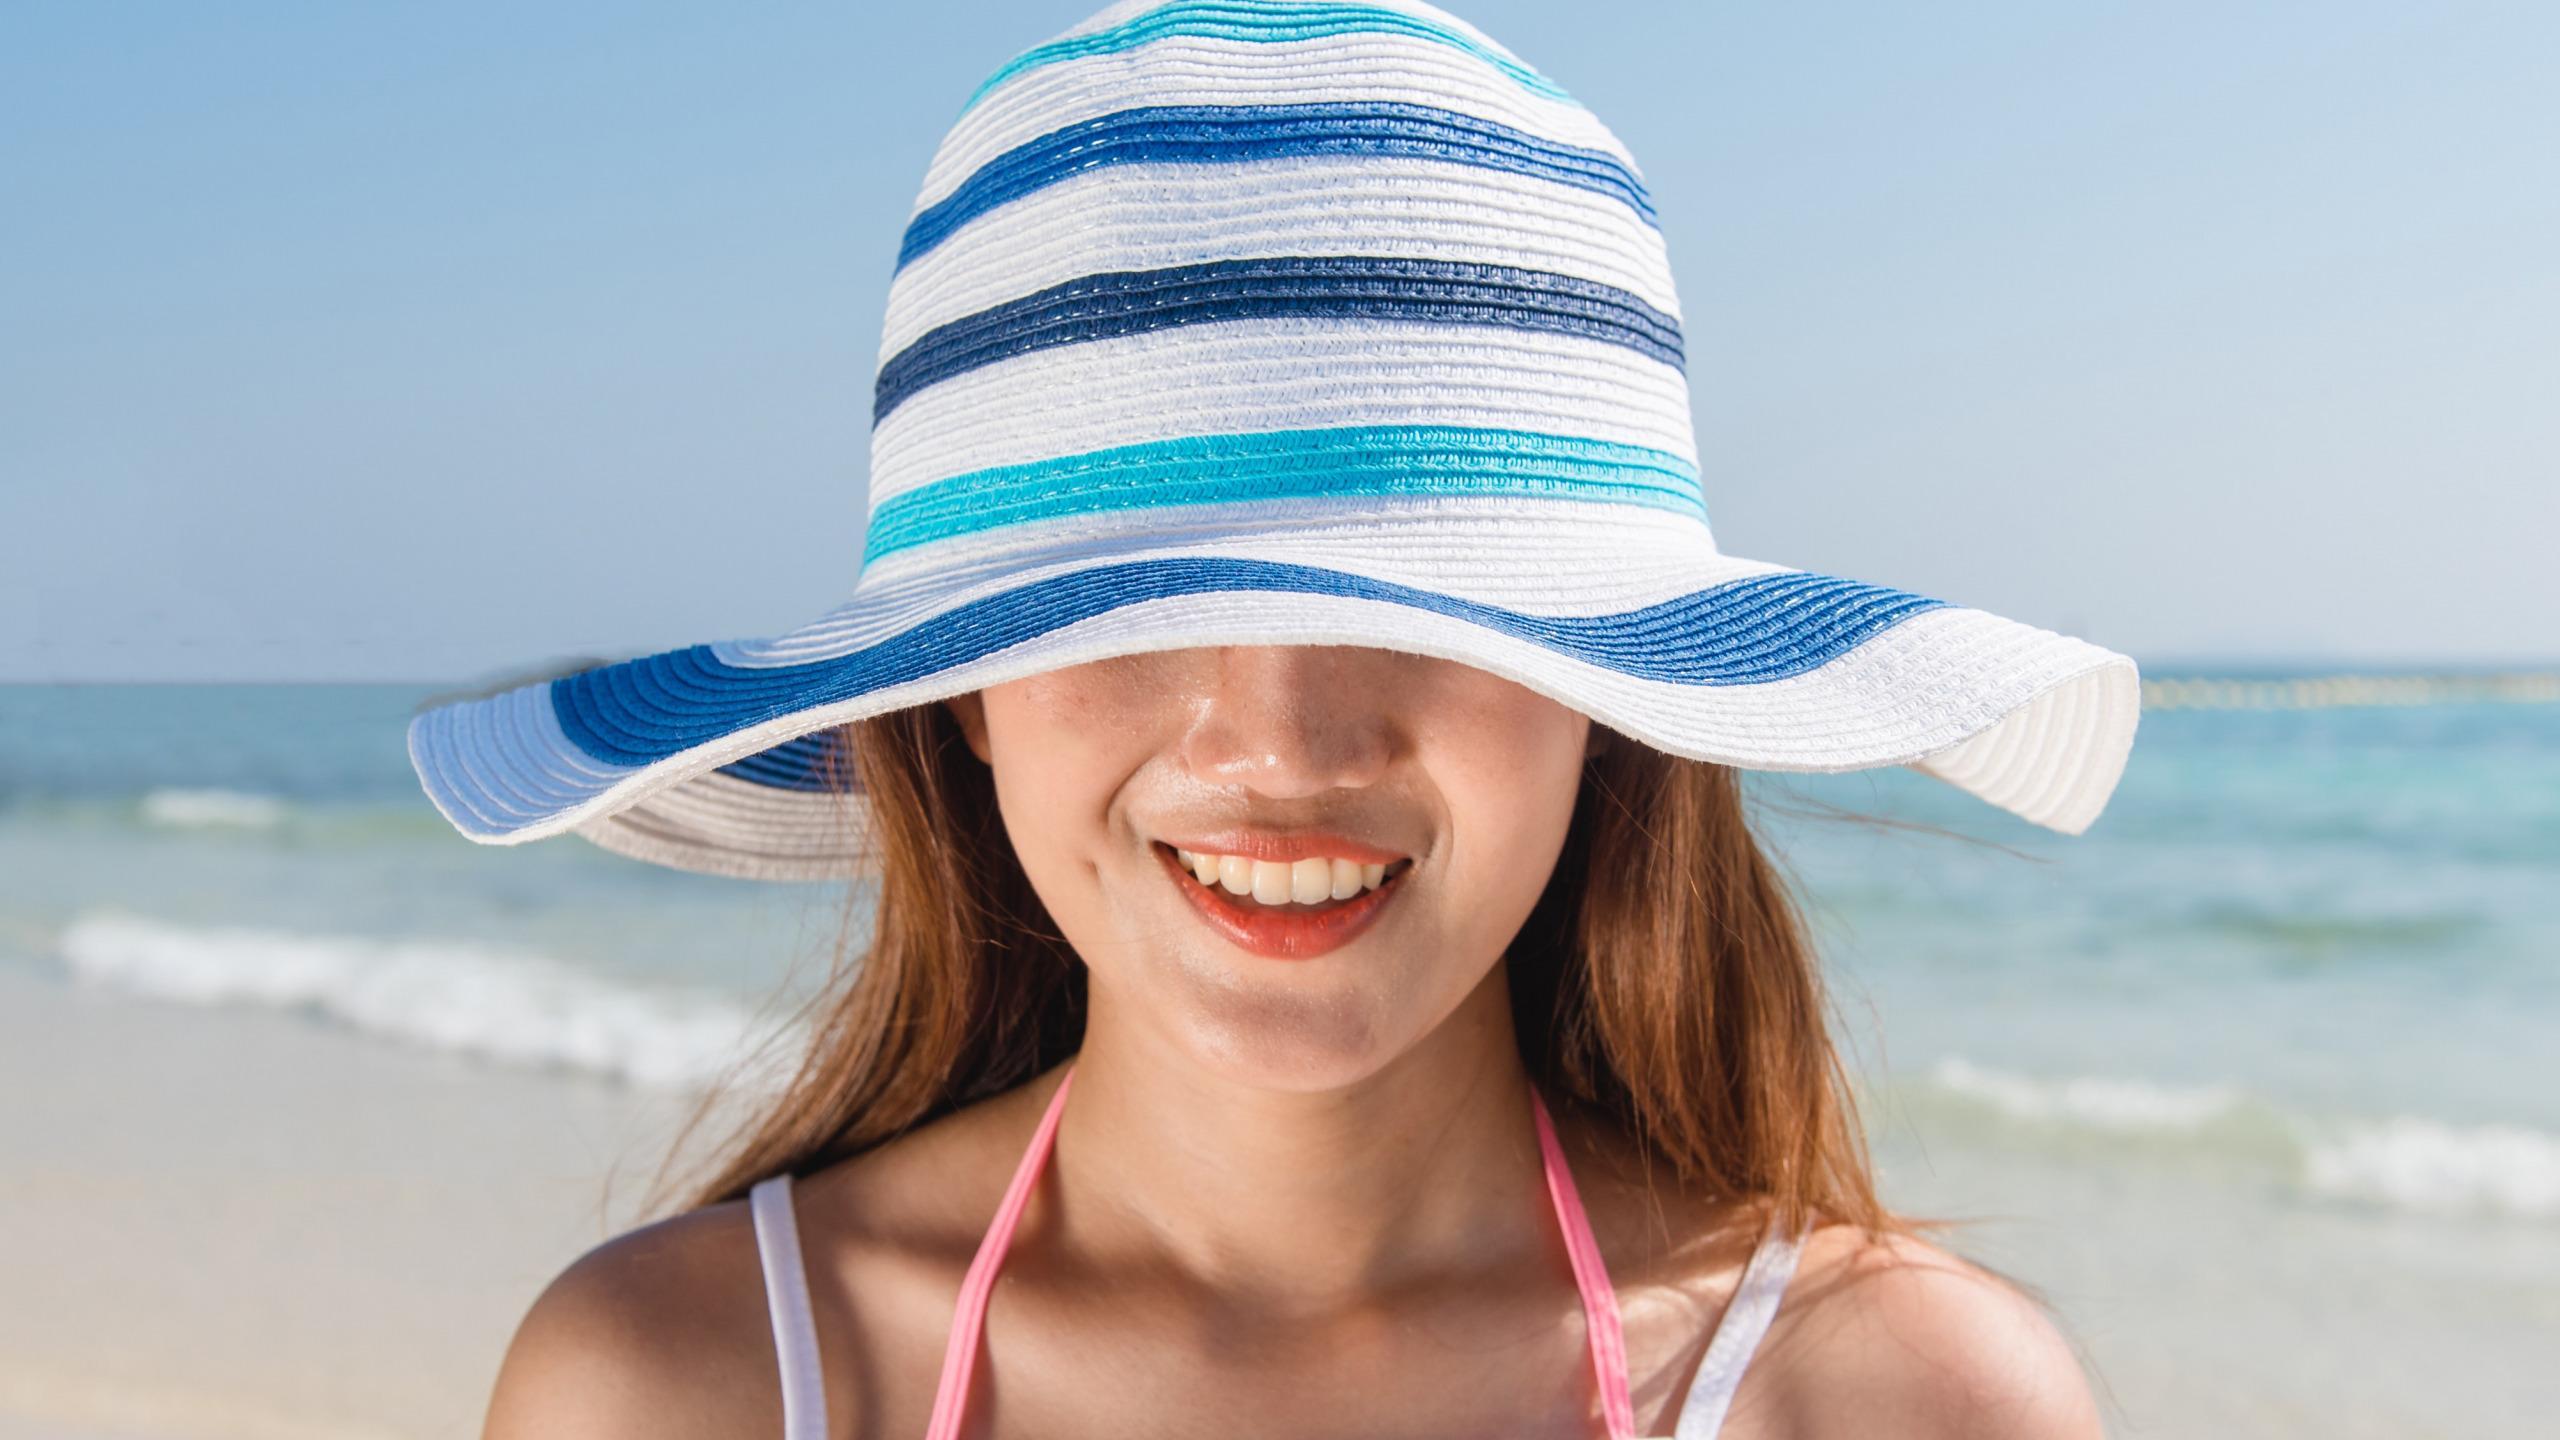 Надо ли защищать от солнца волосы и губы?